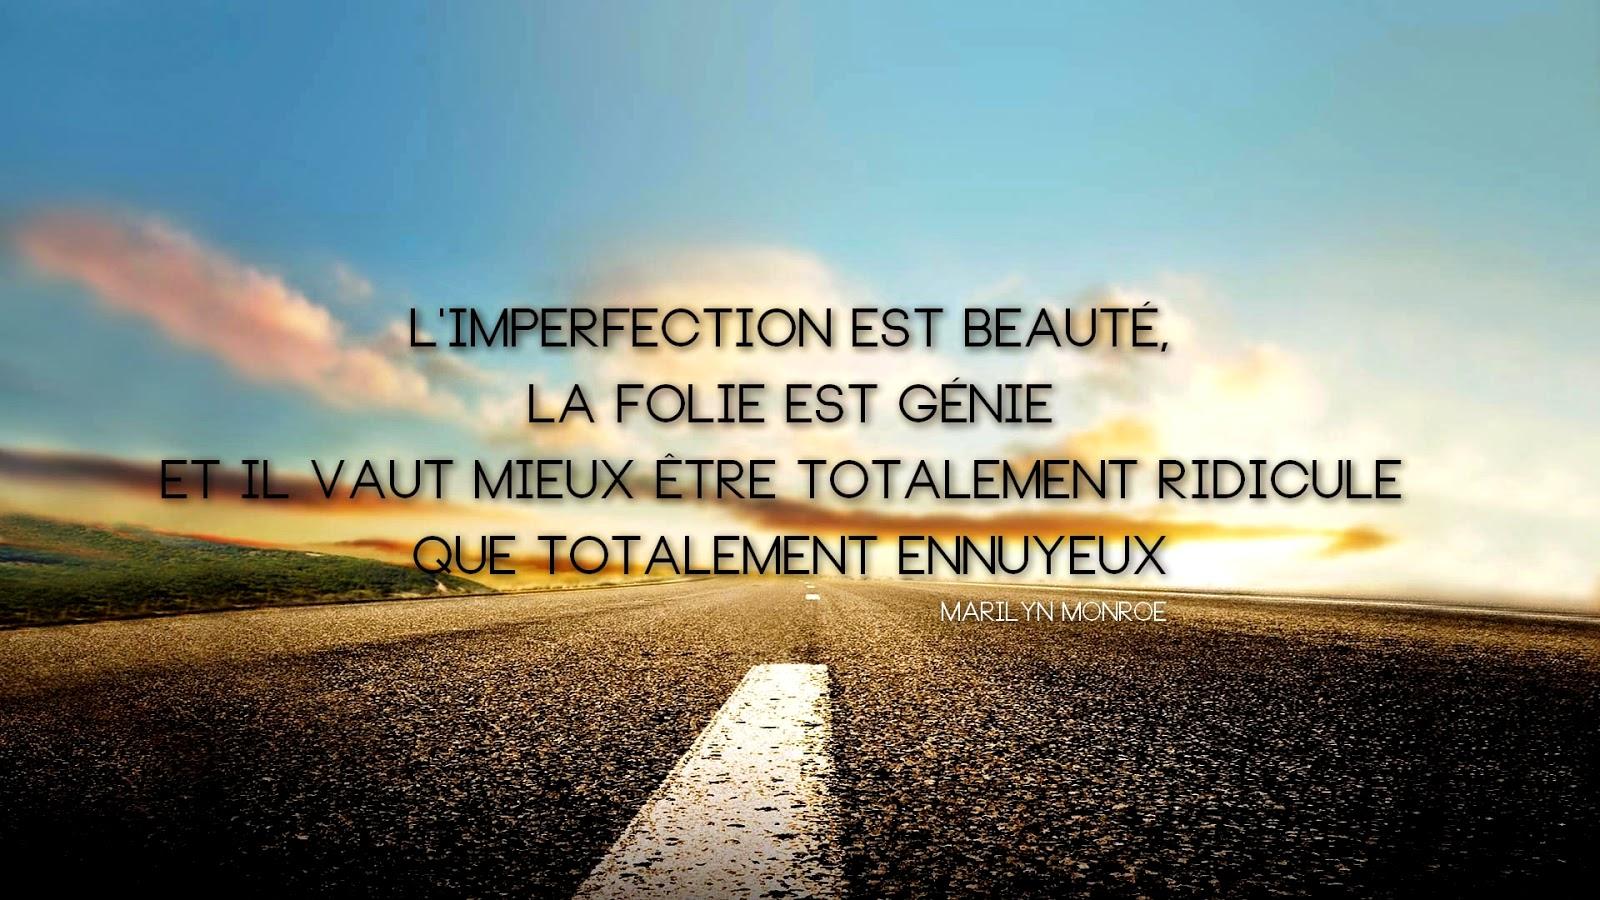 Folie Citation Srd Anecdotes Citations Oscar Wilde Folie